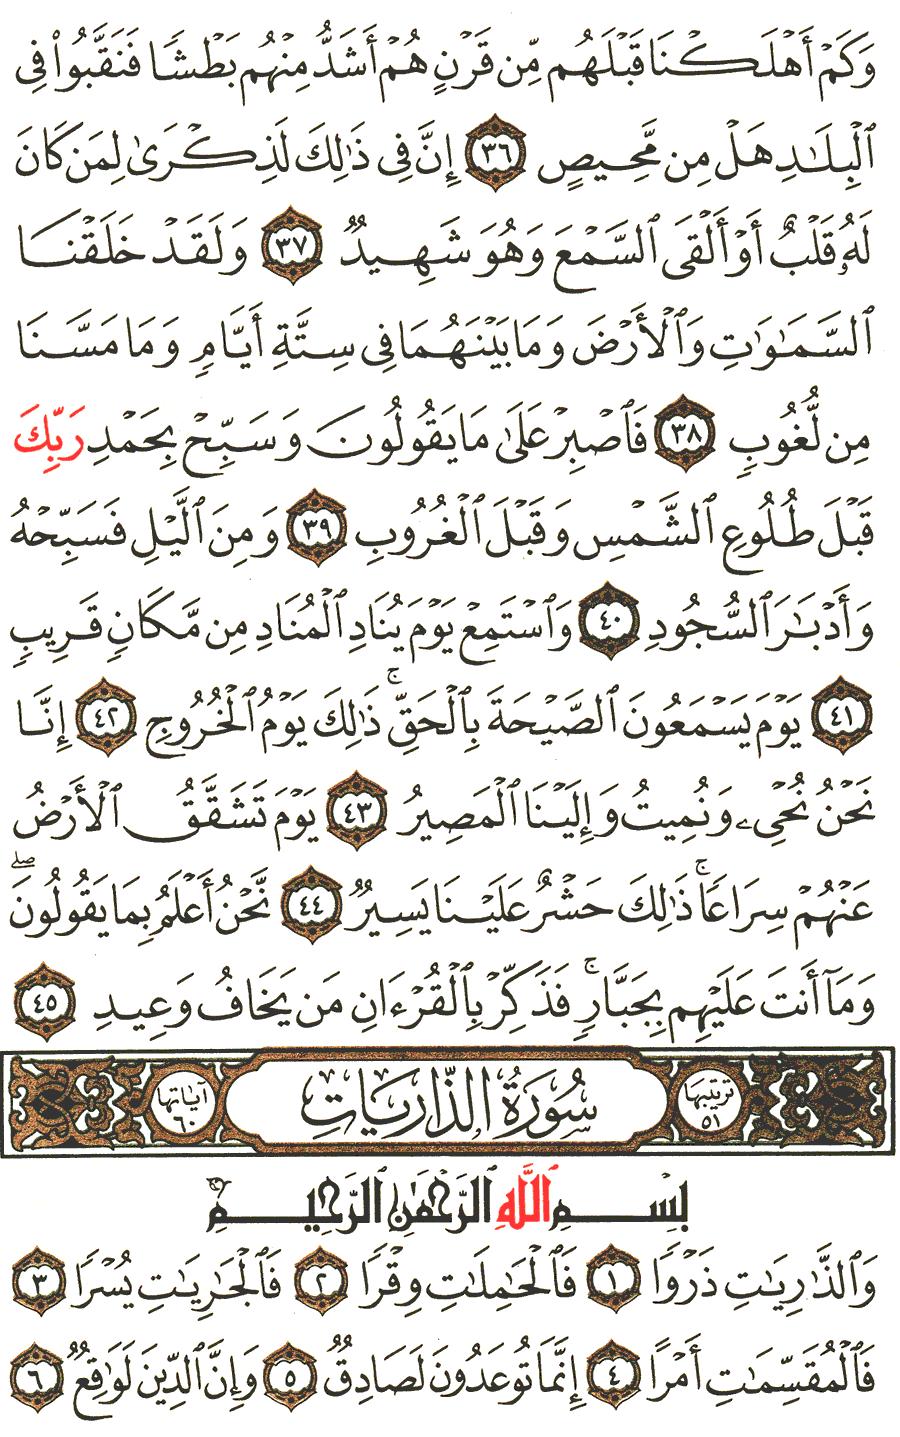 الصفحة رقم 520 من القرآن الكريم مكتوبة من المصحف